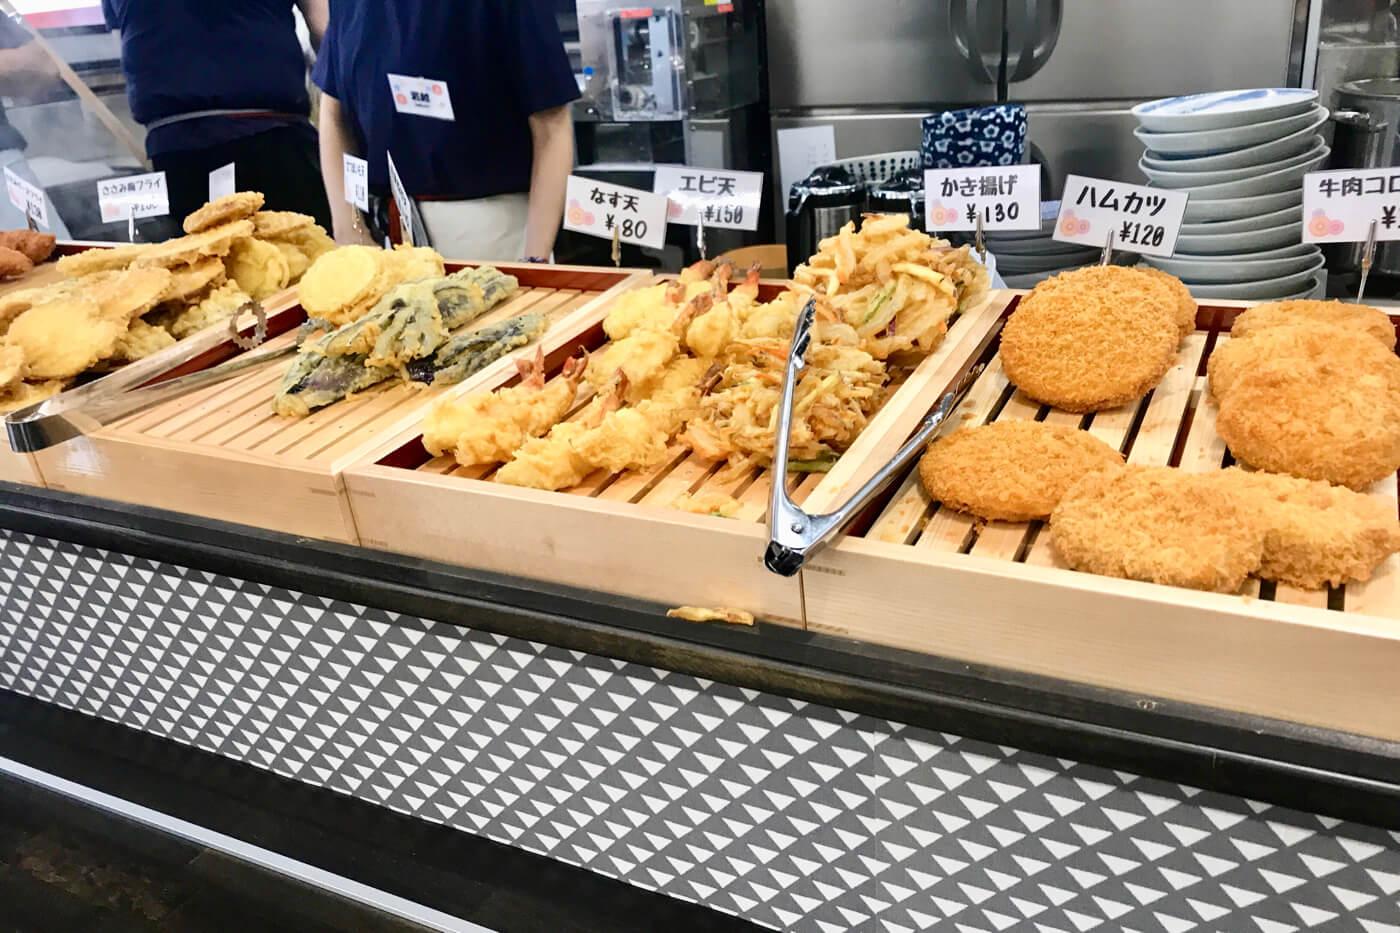 麺処やすきや製麺所 セルフうどん てとて トッピングの天ぷら類